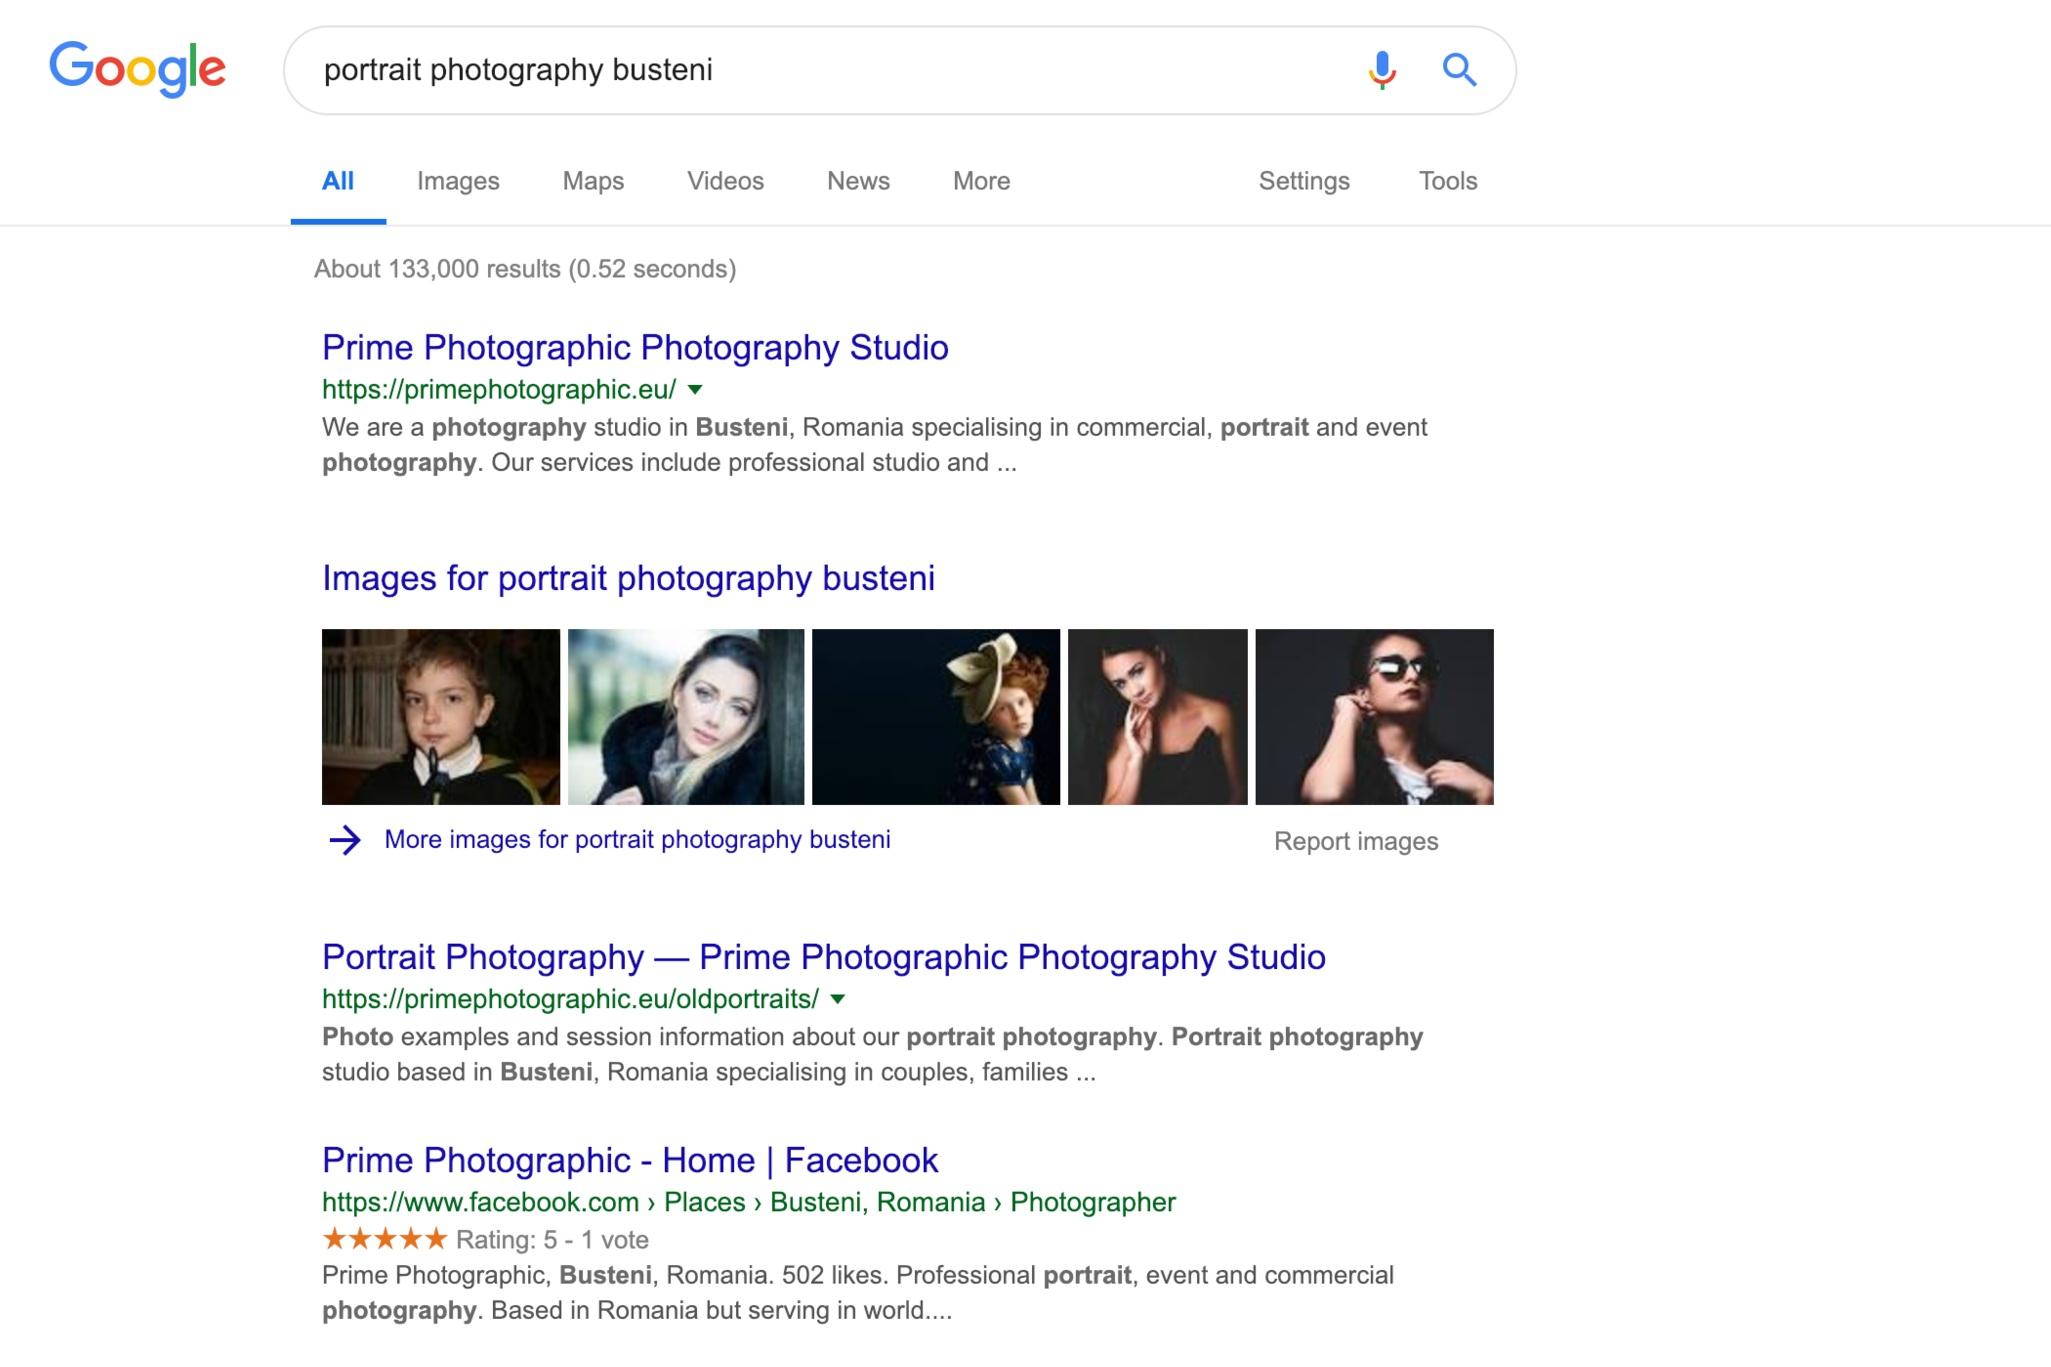 'portrait photography busteni'